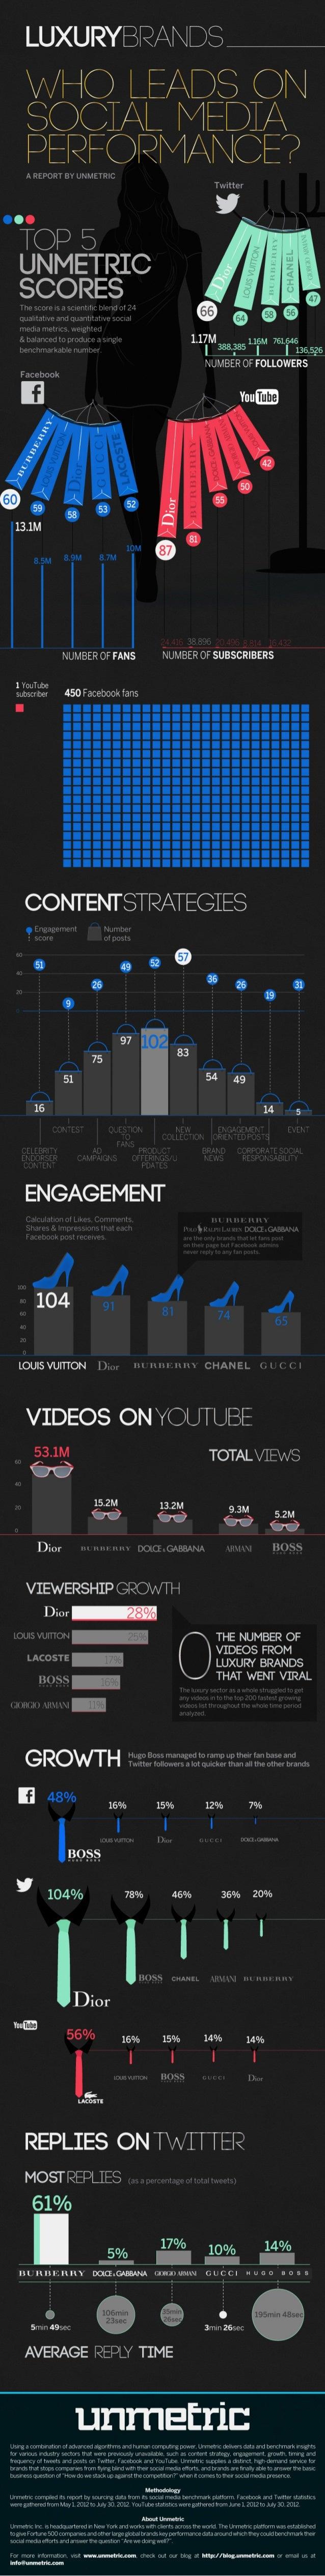 Top Performing Luxury brands on Social Media